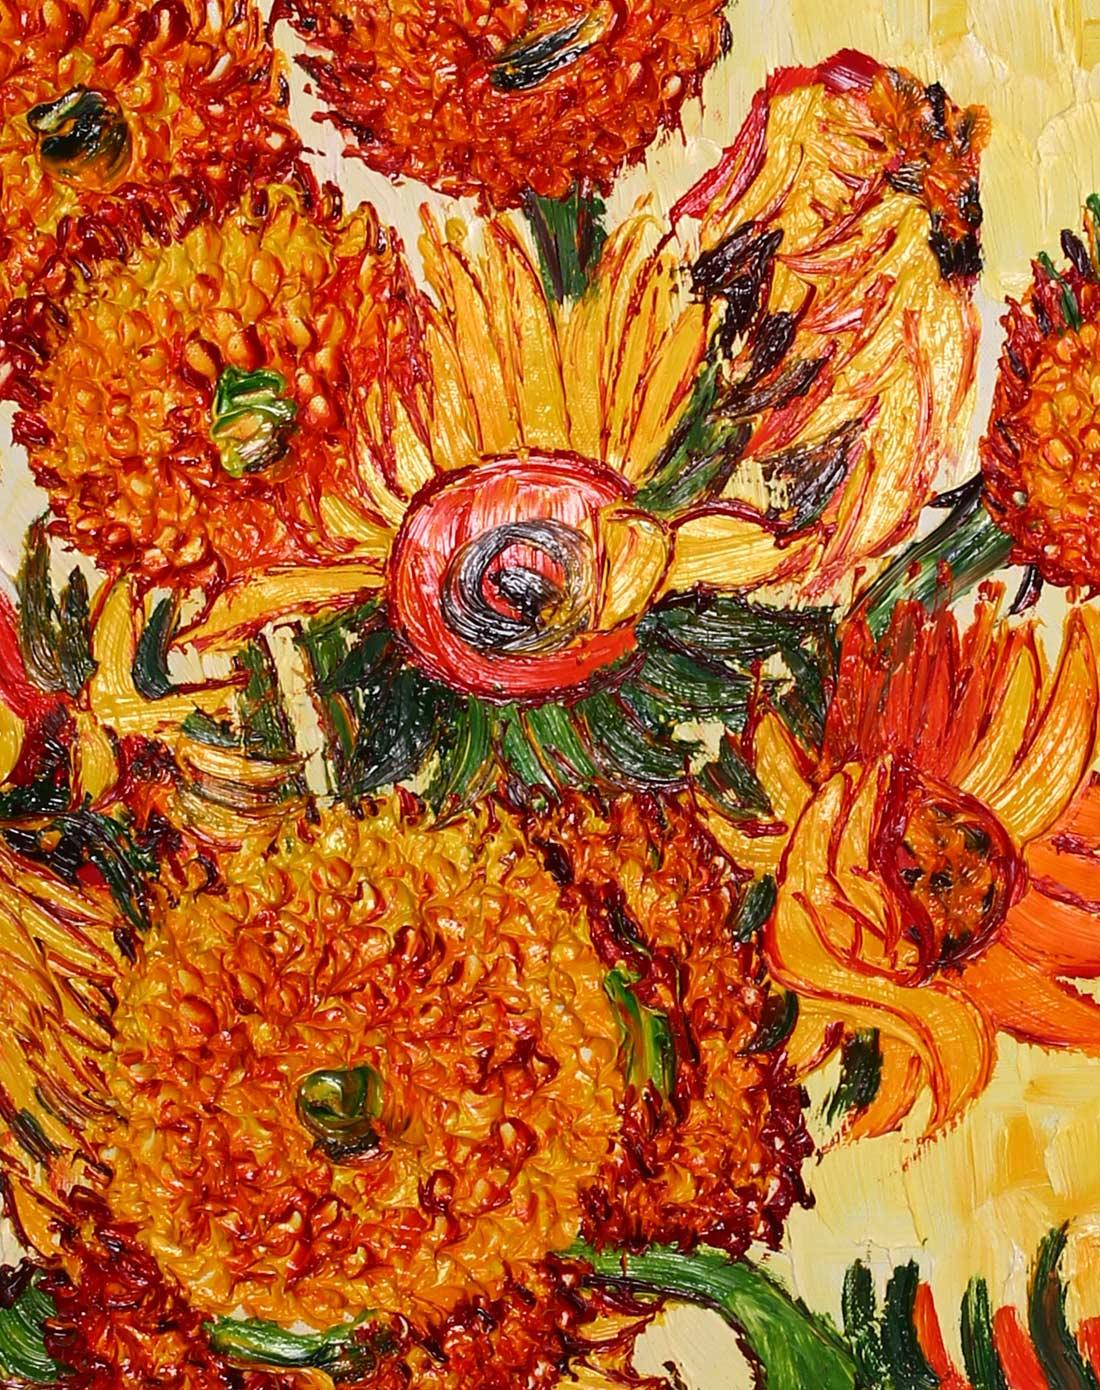 手绘油画-梵高盛开的向日葵